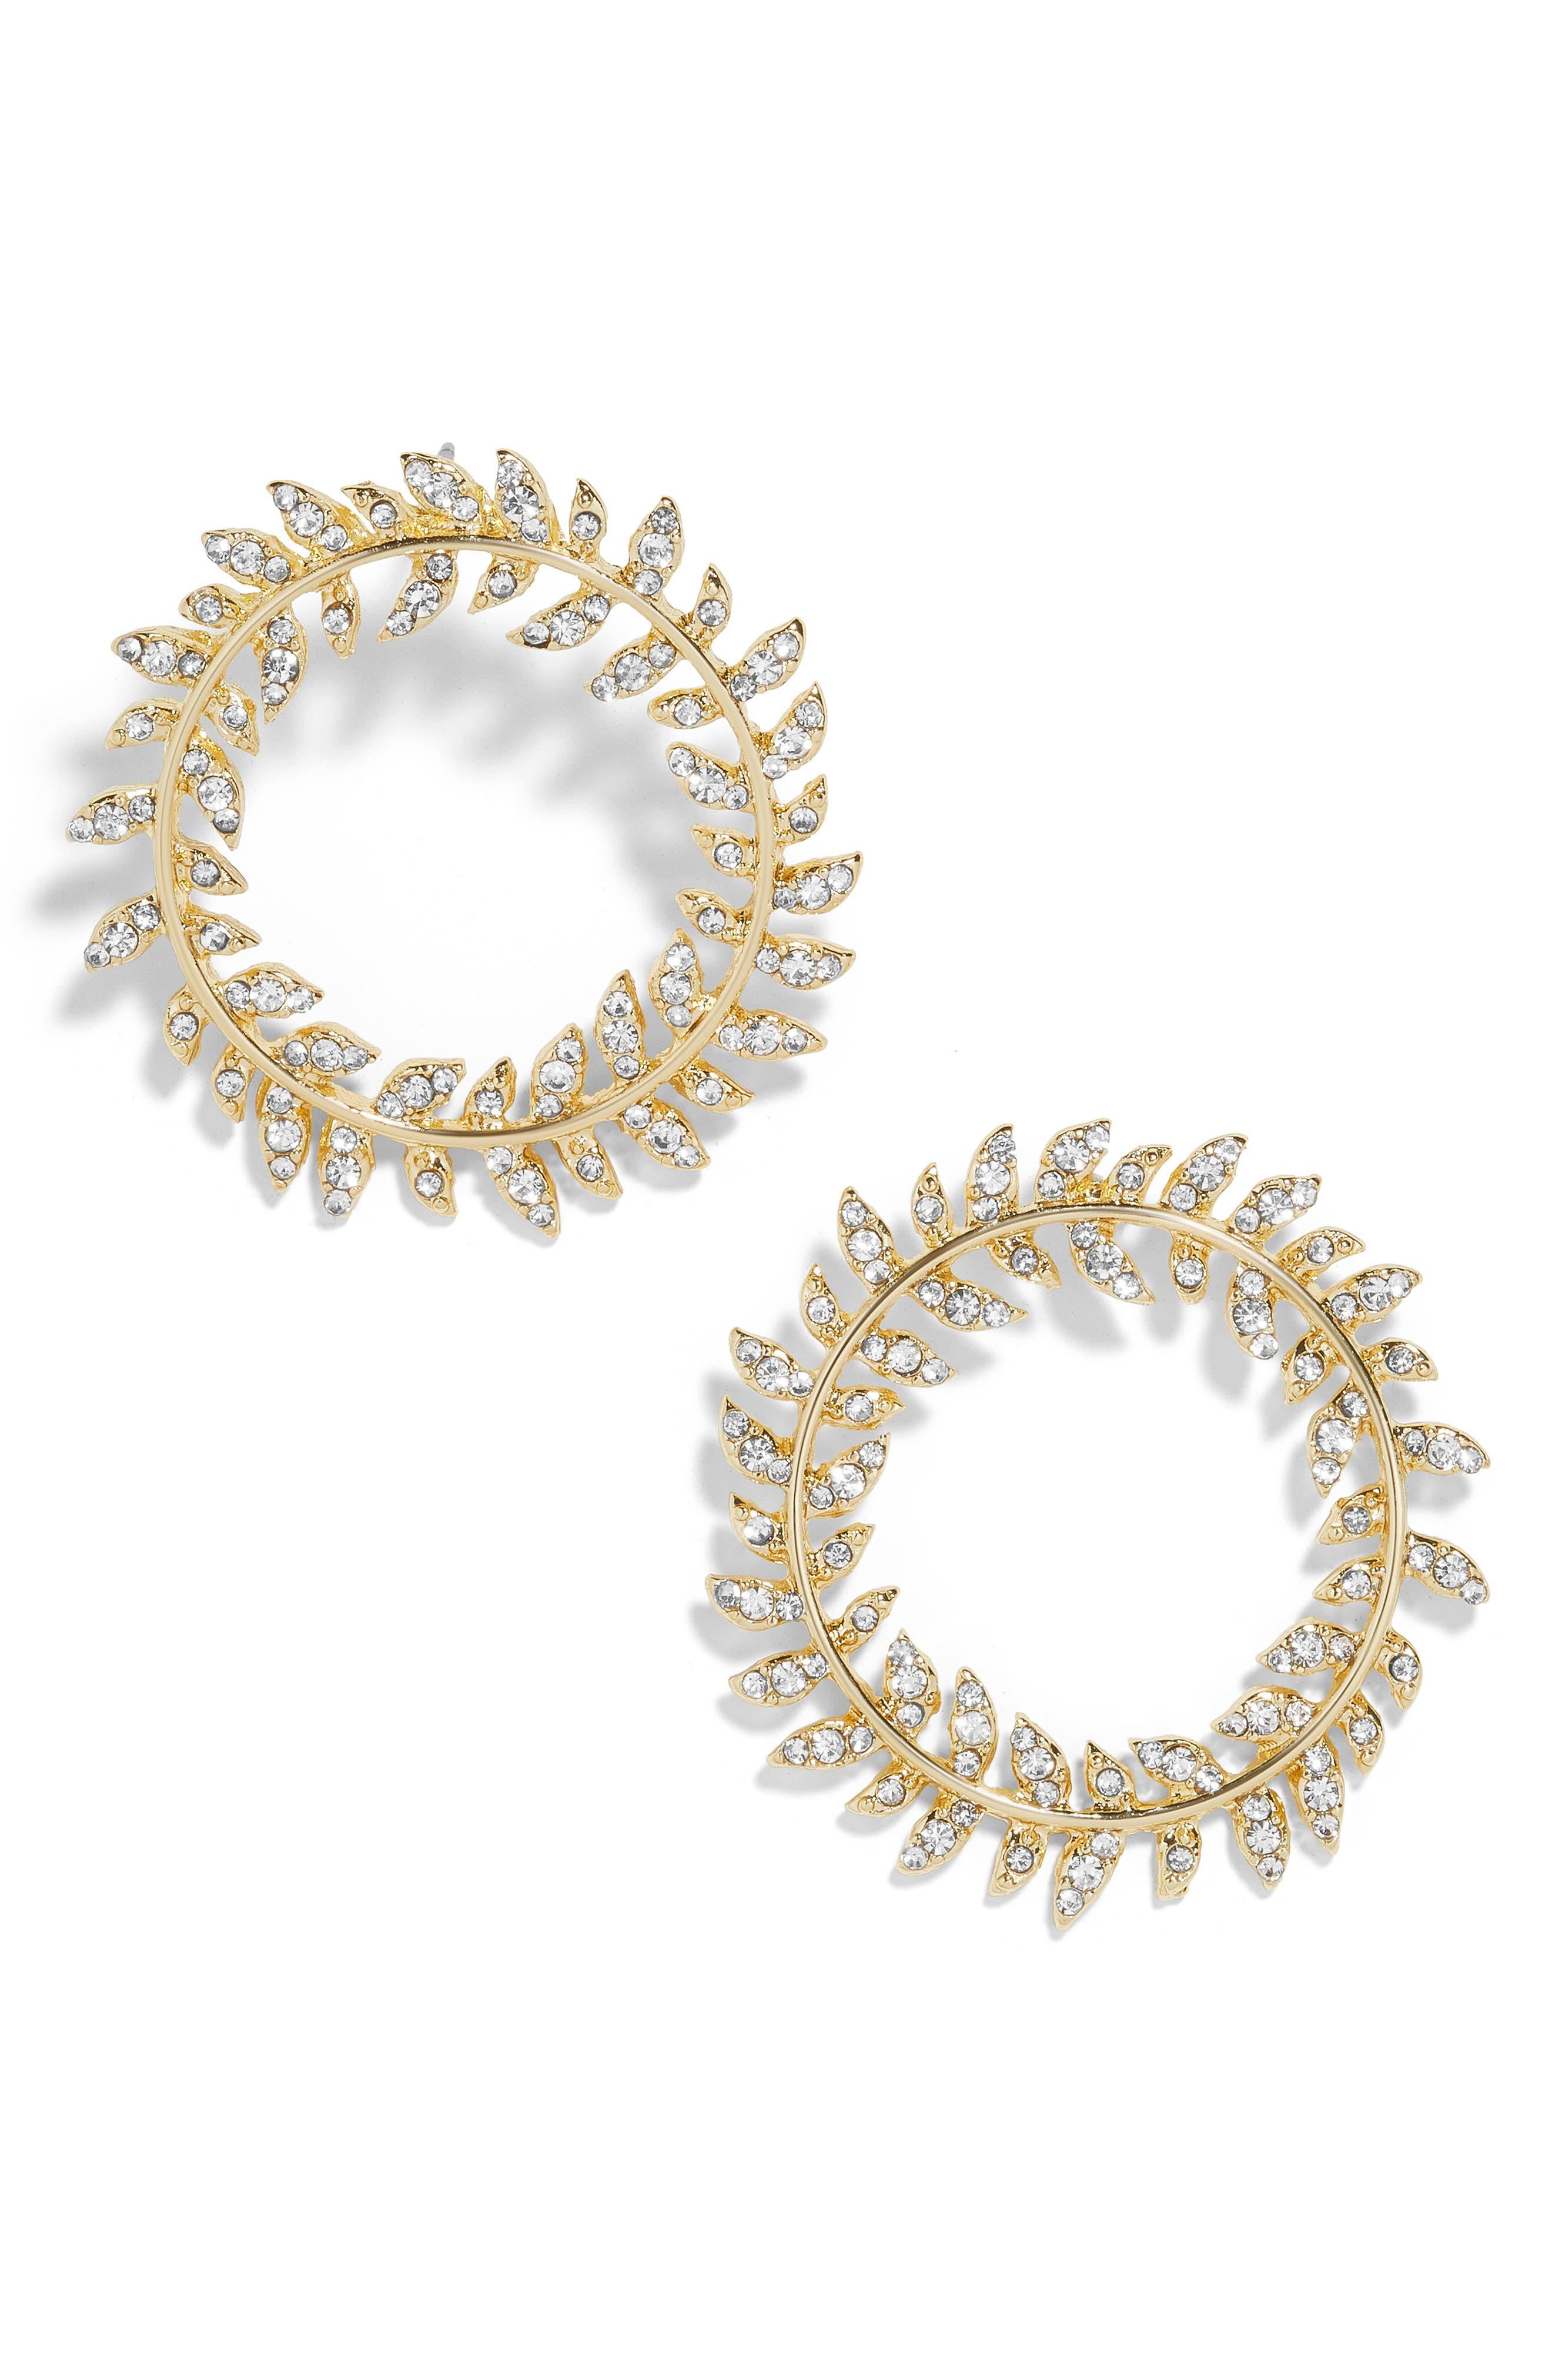 BAUBLEBAR, Protea Hoop Earrings, Main thumbnail 1, color, GOLD